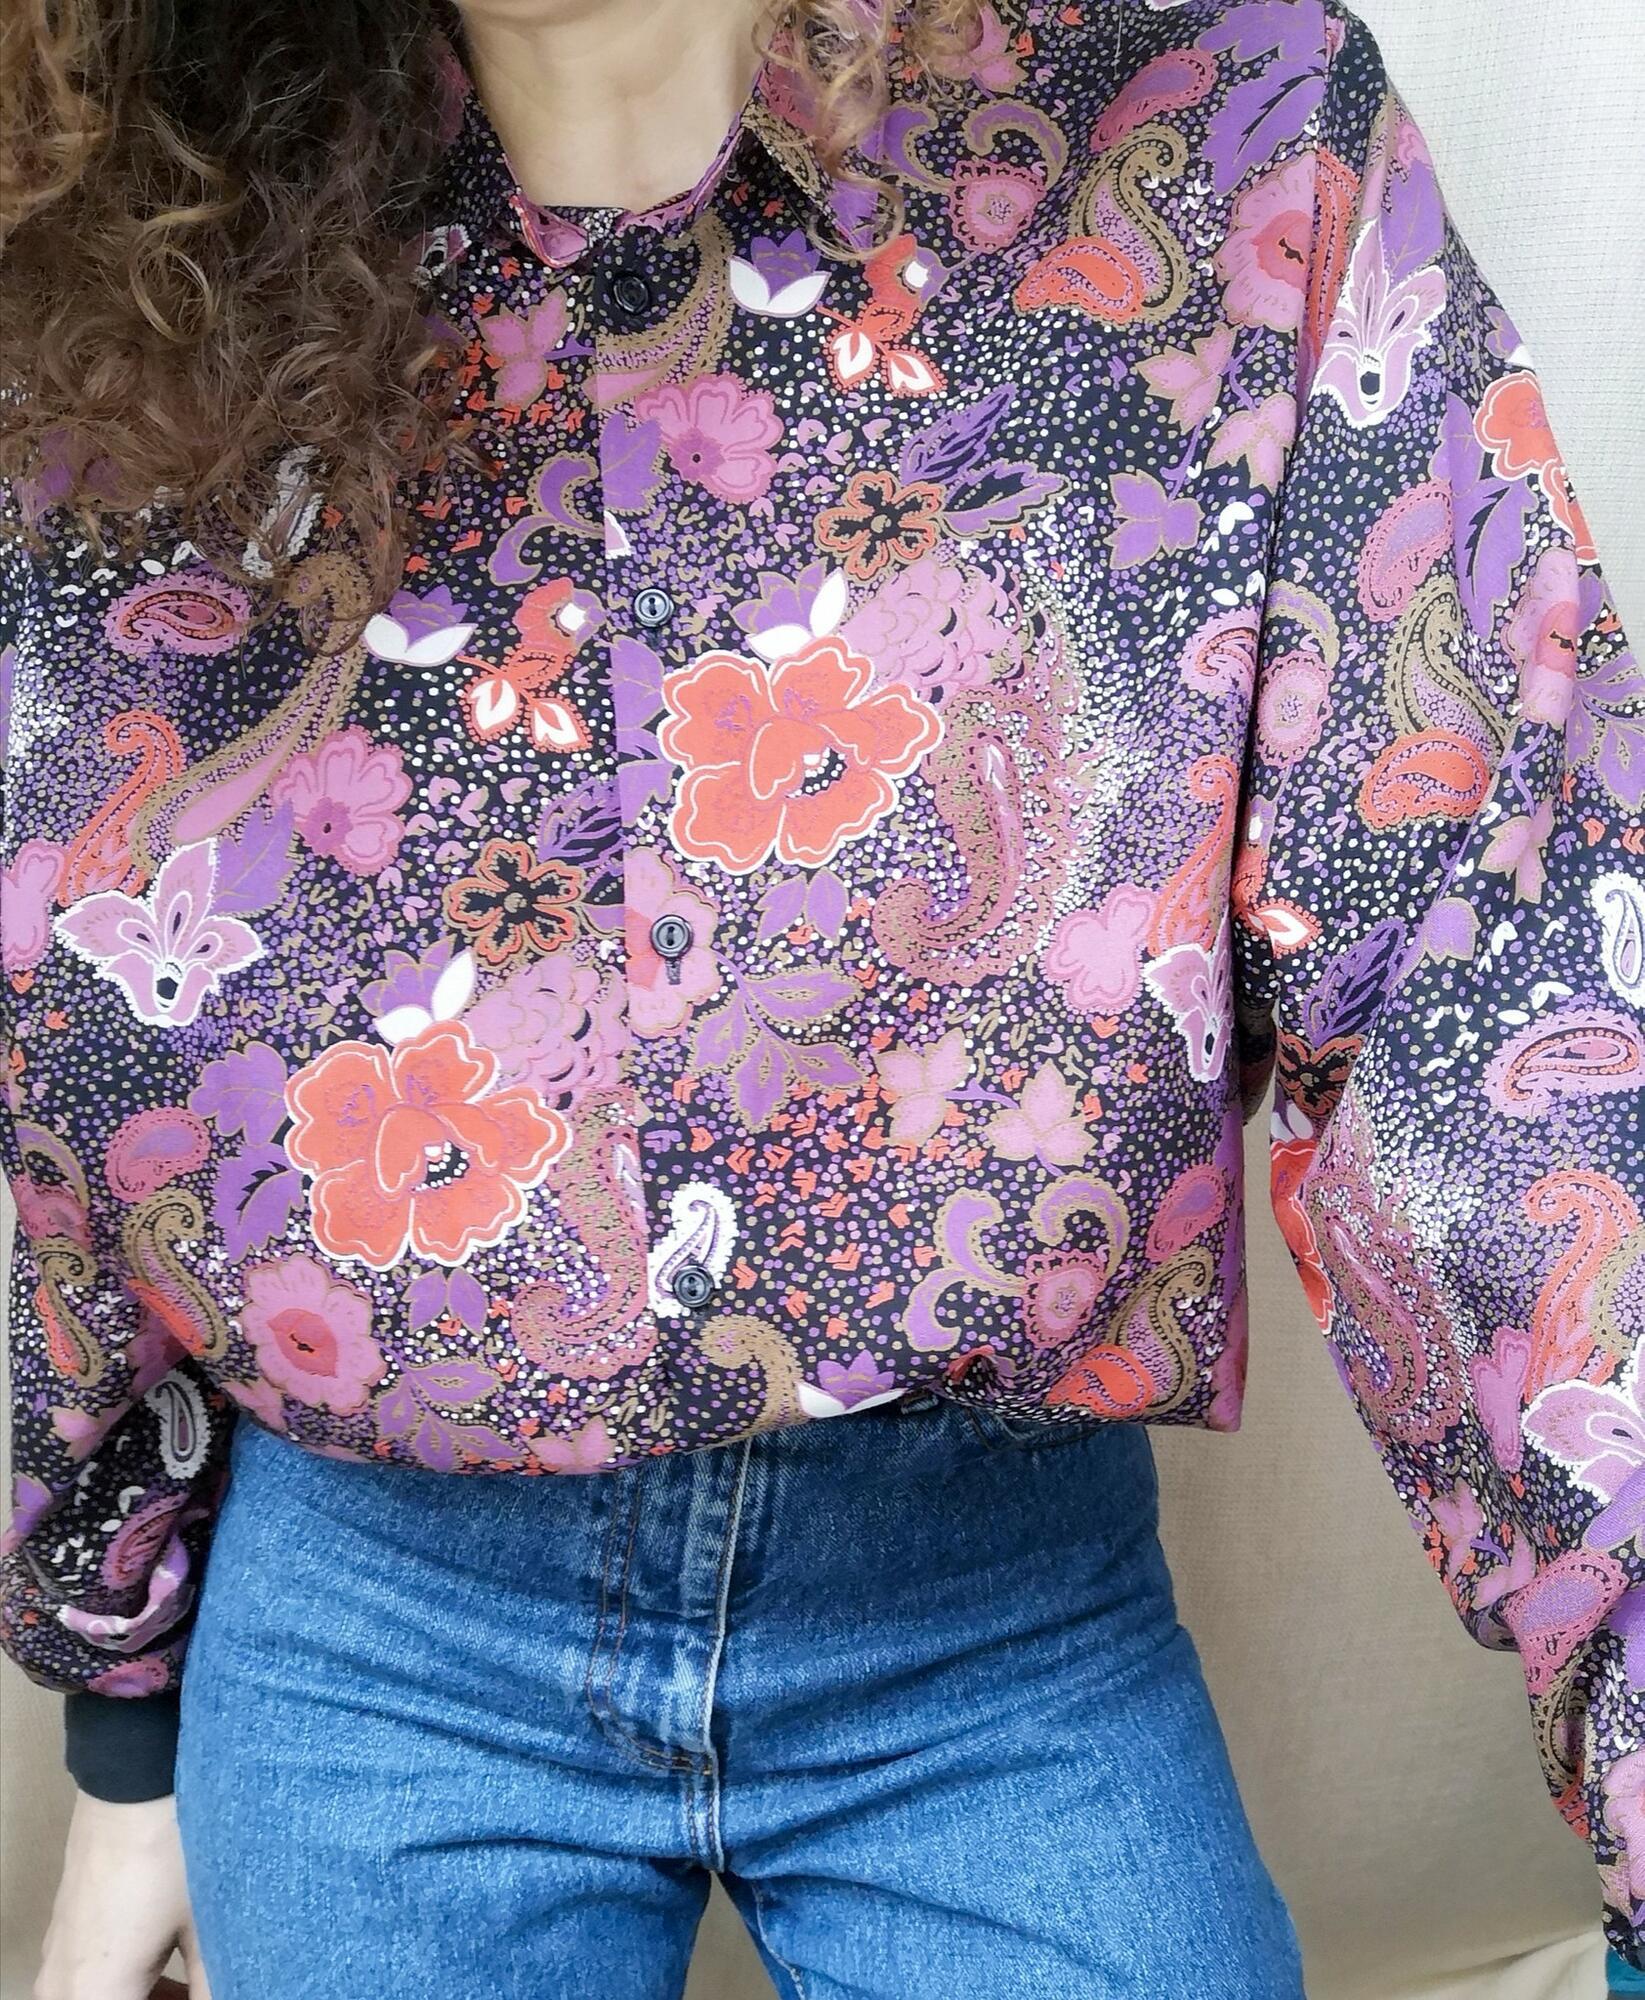 Vintage koszula w kwiaty - PONOŚ SE vintage shop | JestemSlow.pl